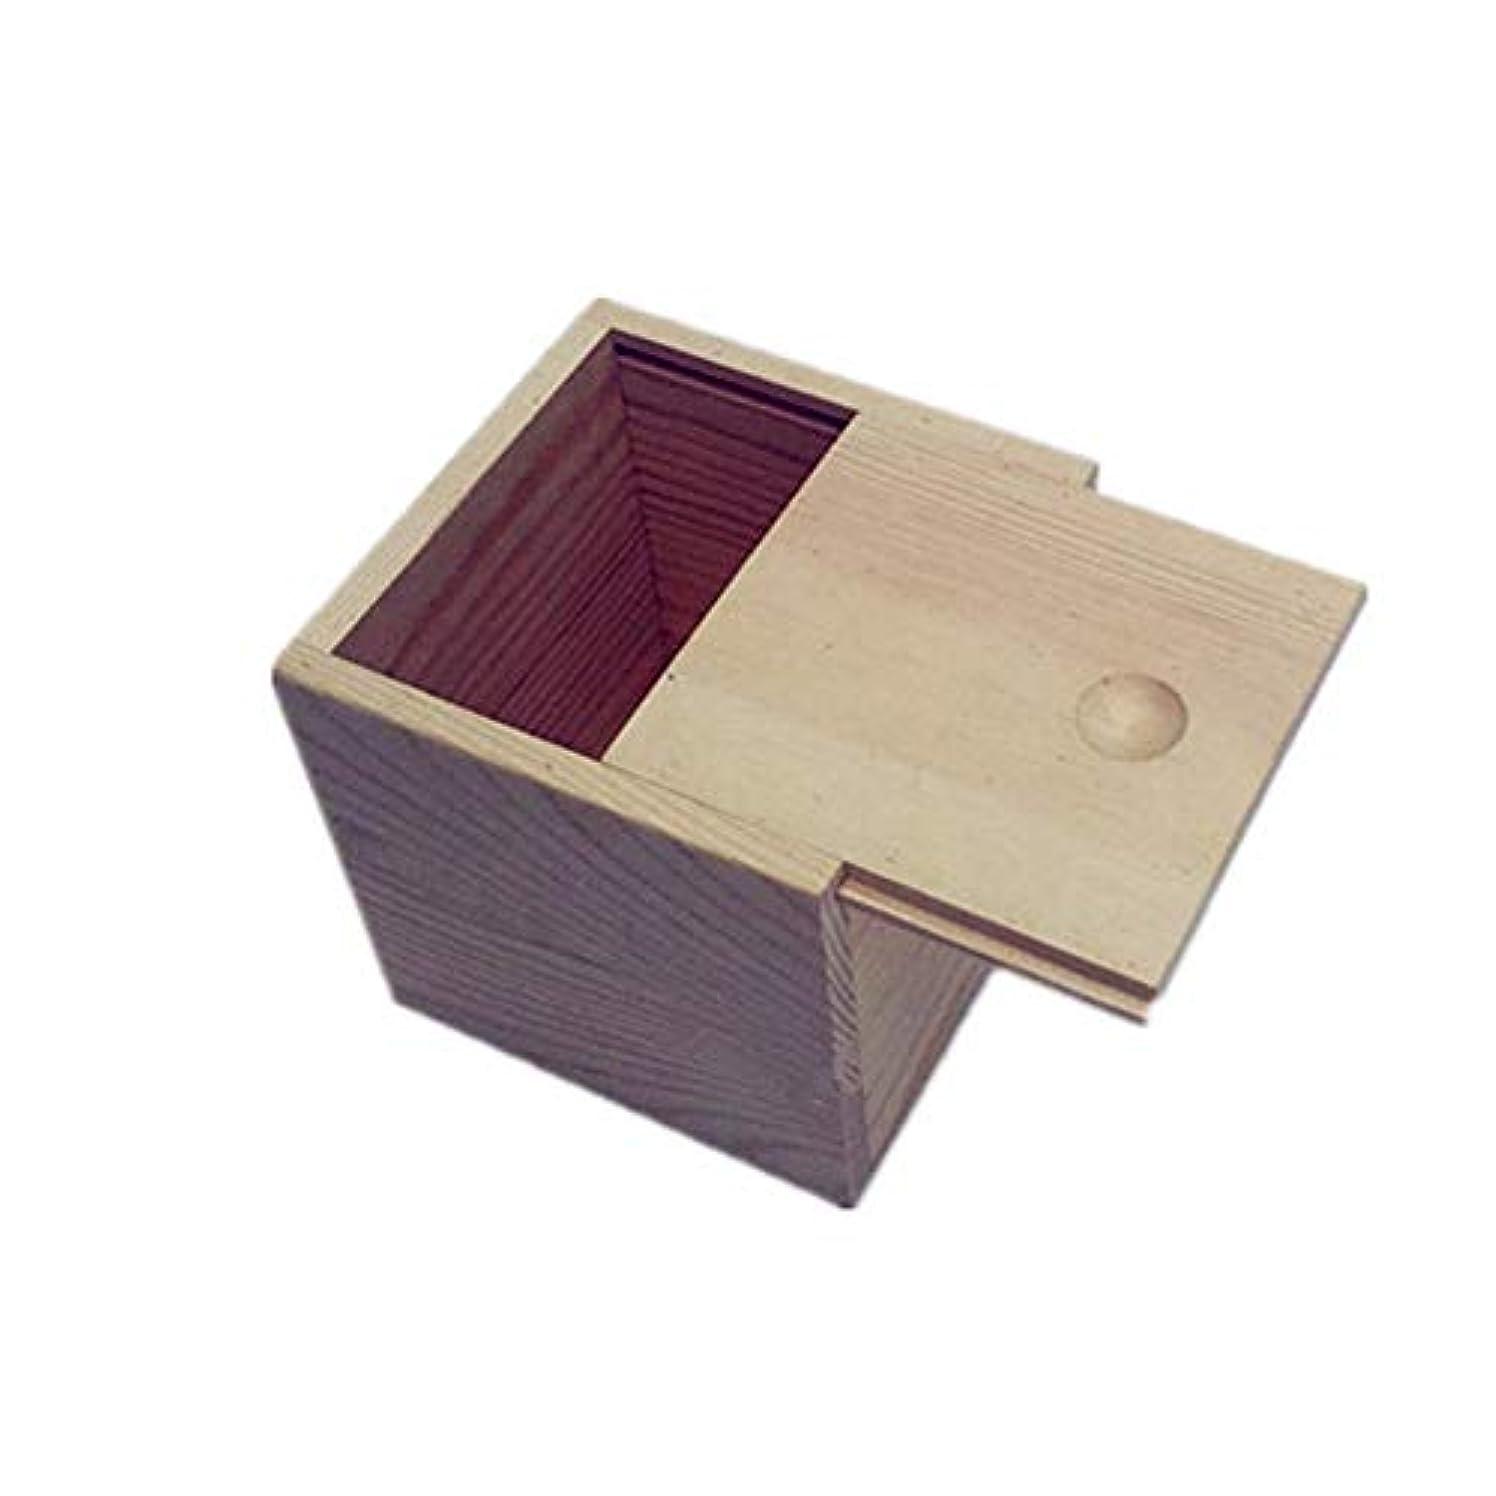 ピーブ最少外交問題アロマセラピー収納ボックス あなたの最高の耐久性の油を保つために、省スペース木製の精油収納ボックス エッセンシャルオイル収納ボックス (色 : Natural, サイズ : 9X9X5CM)